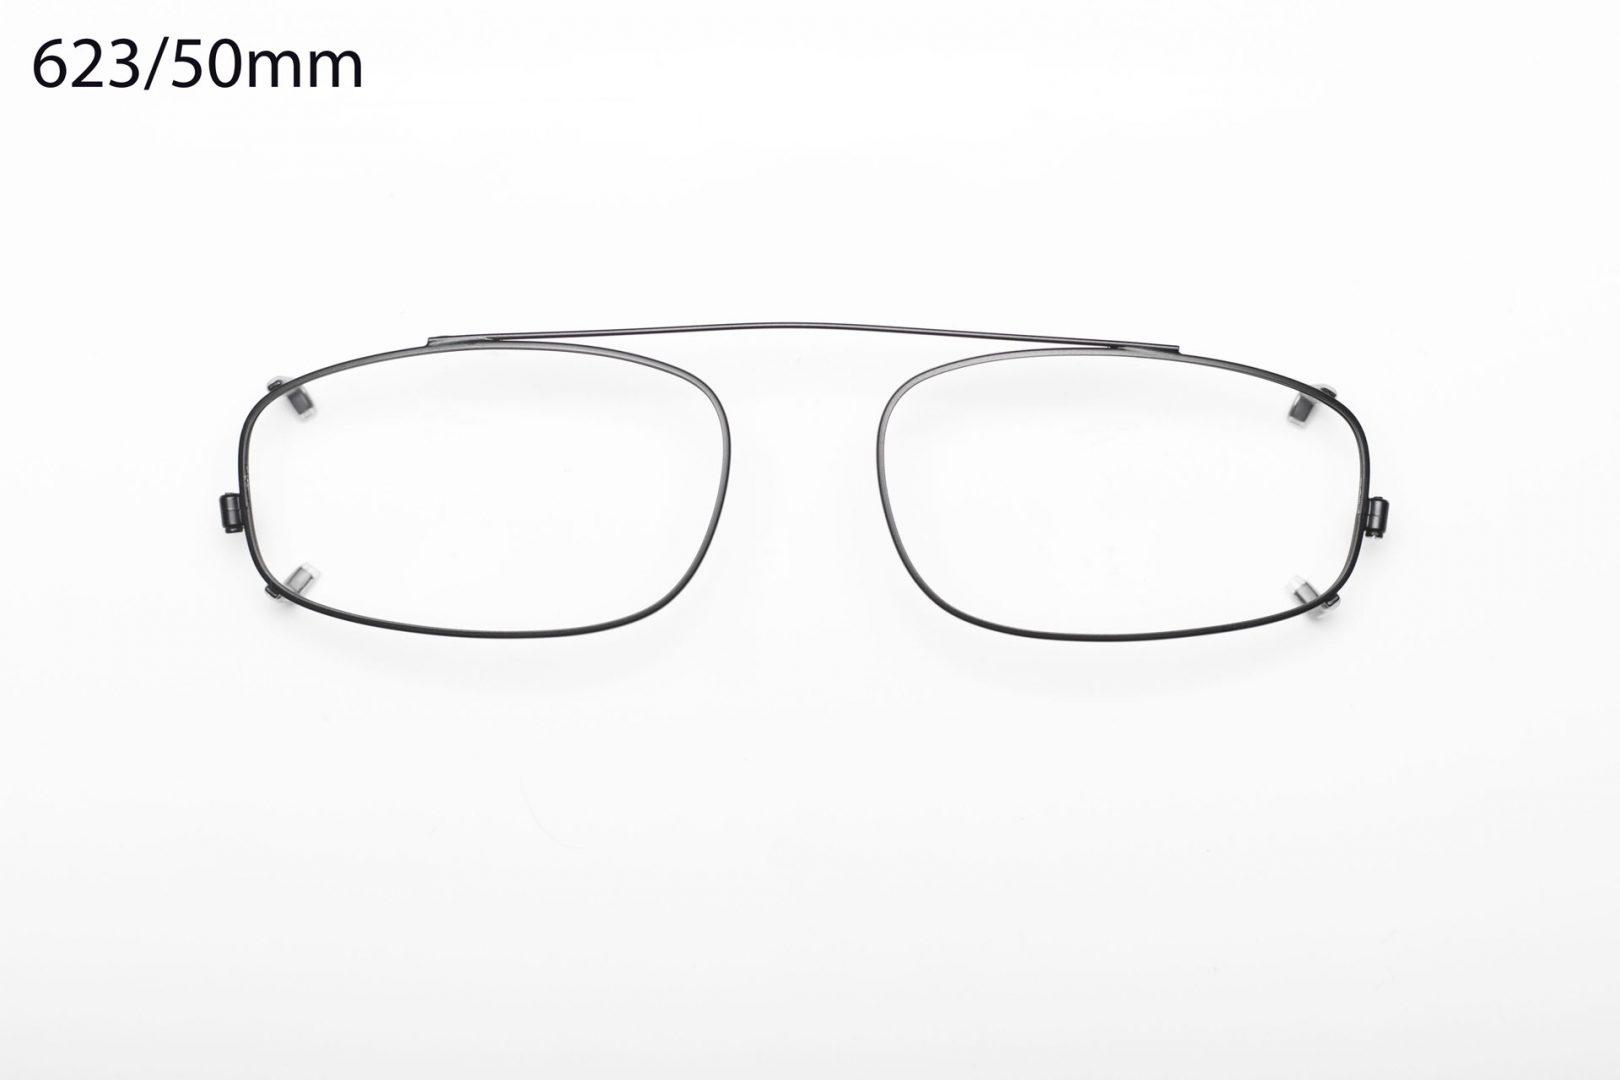 Modèle A48-62350mm